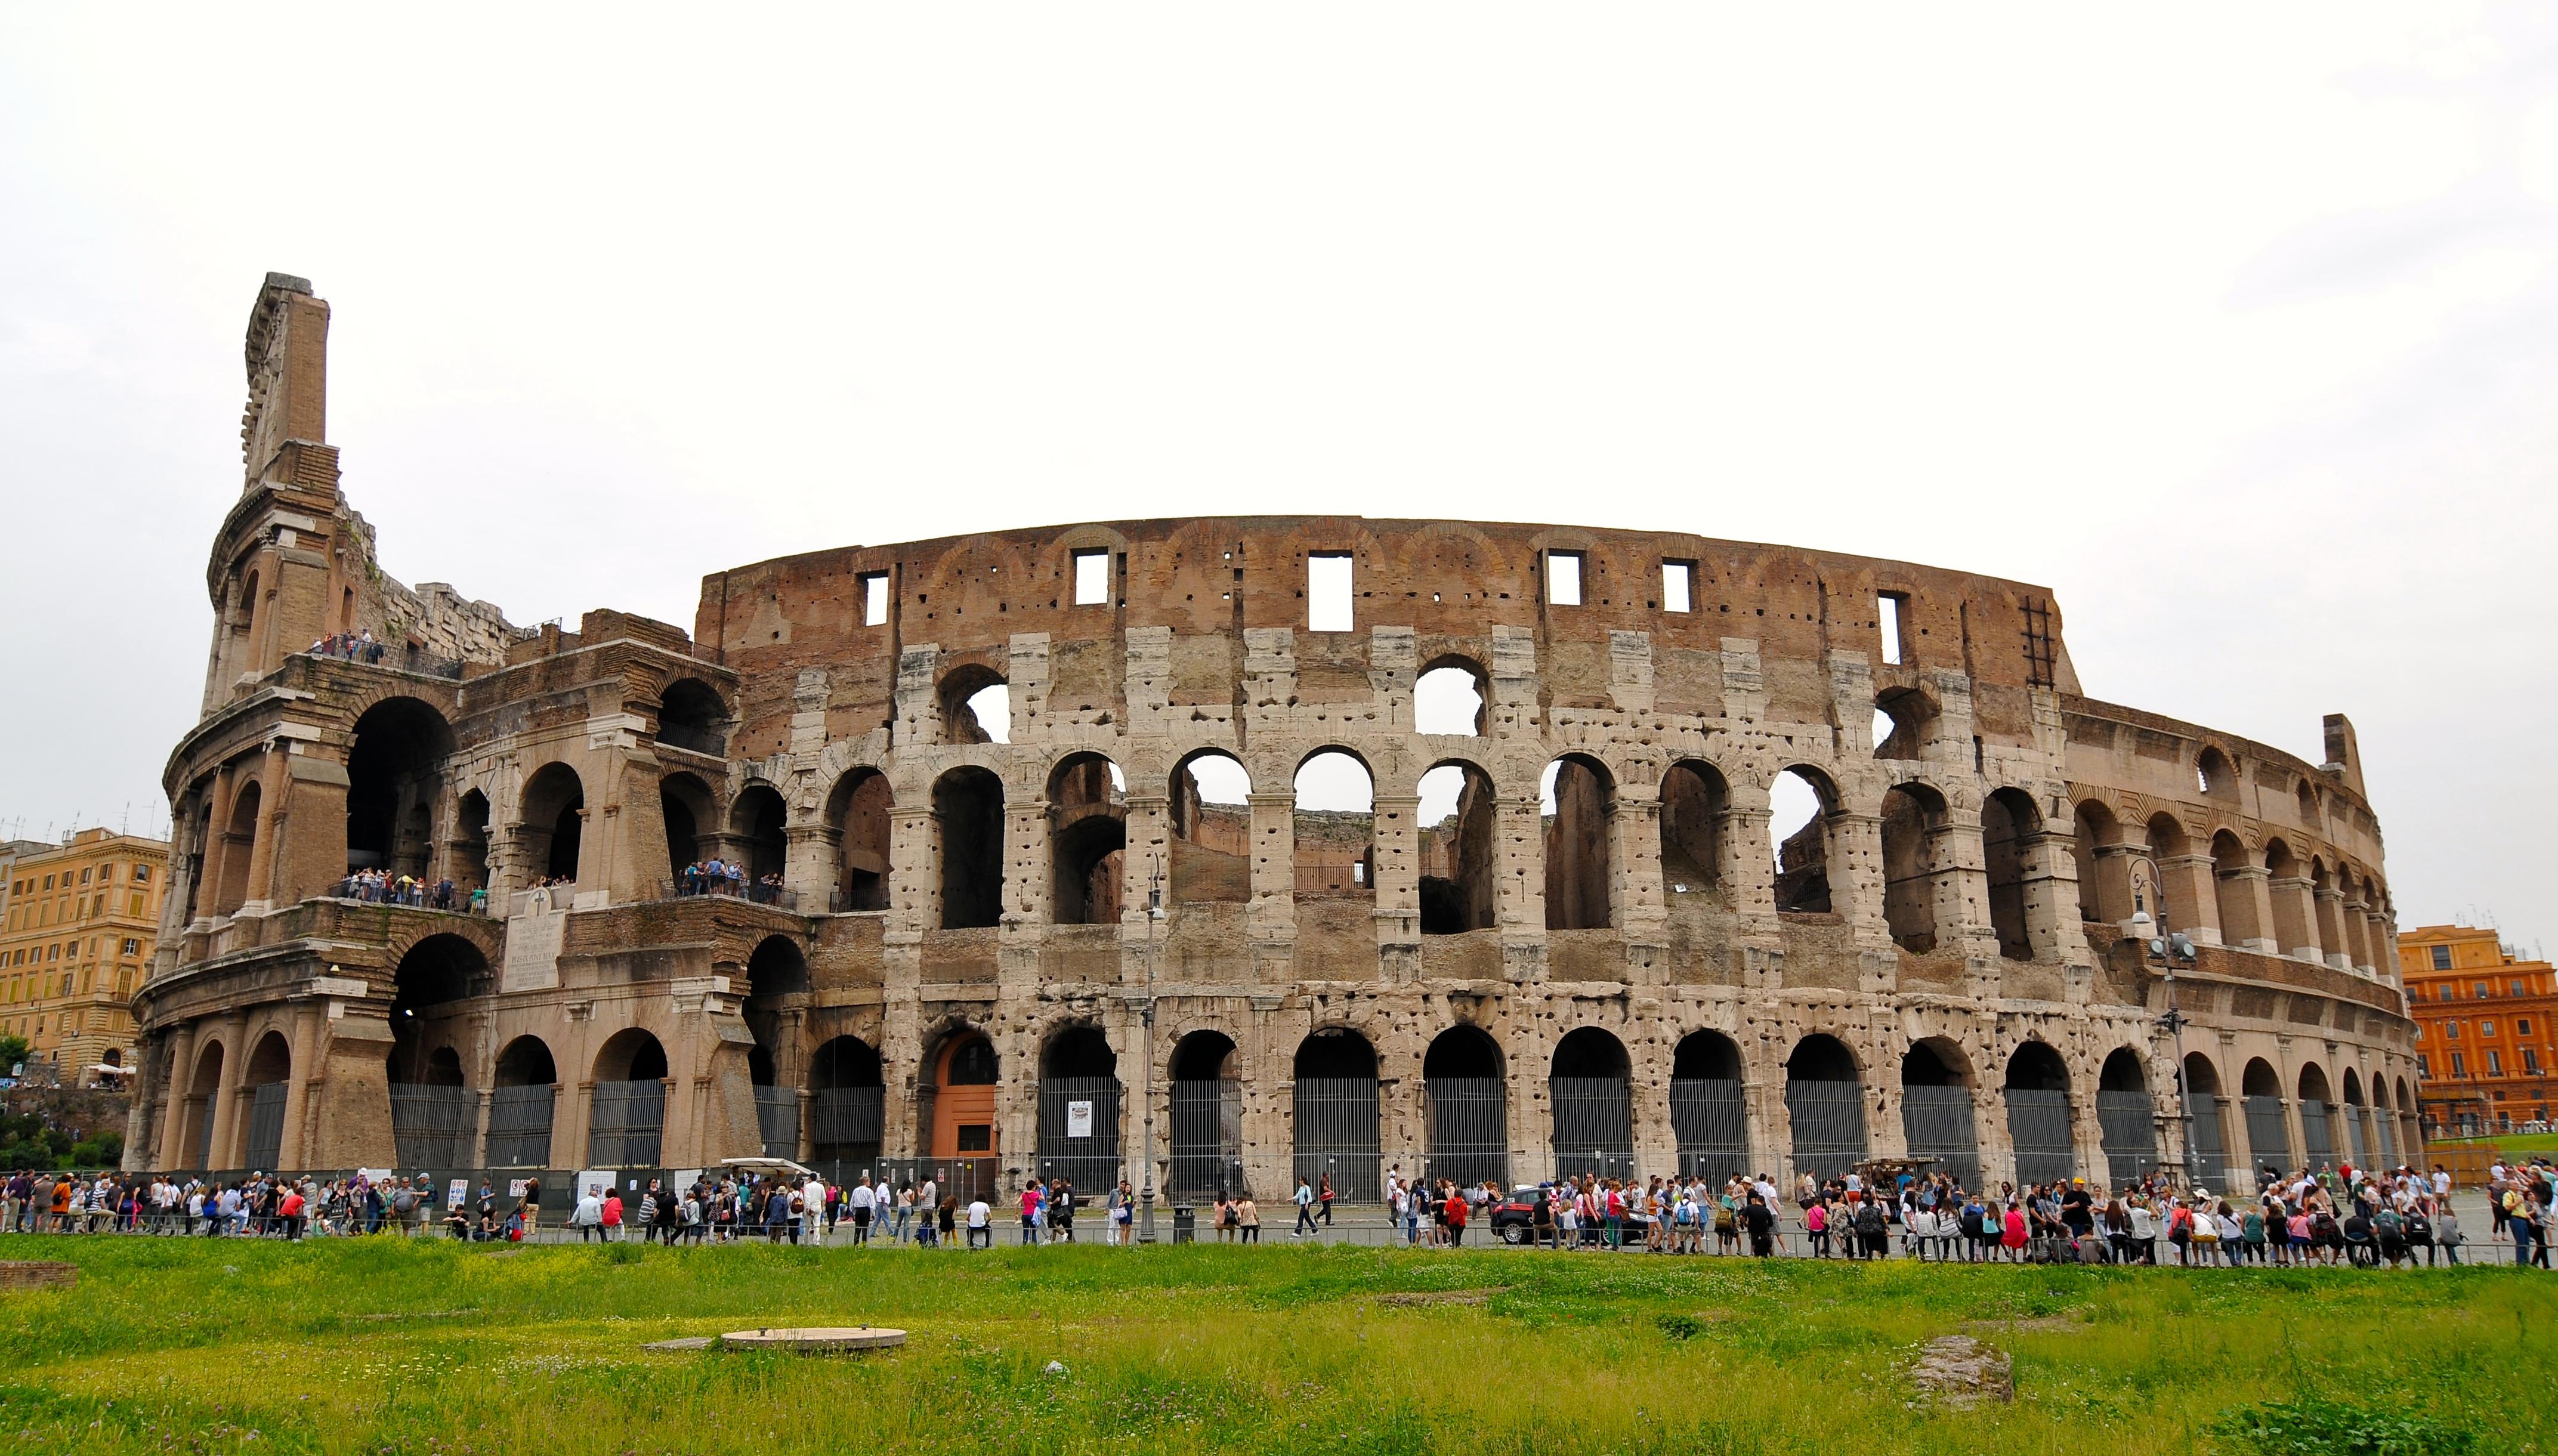 沿着罗马大道一直走就是古罗马圆形竞技场,这里一直都是罗马的象征